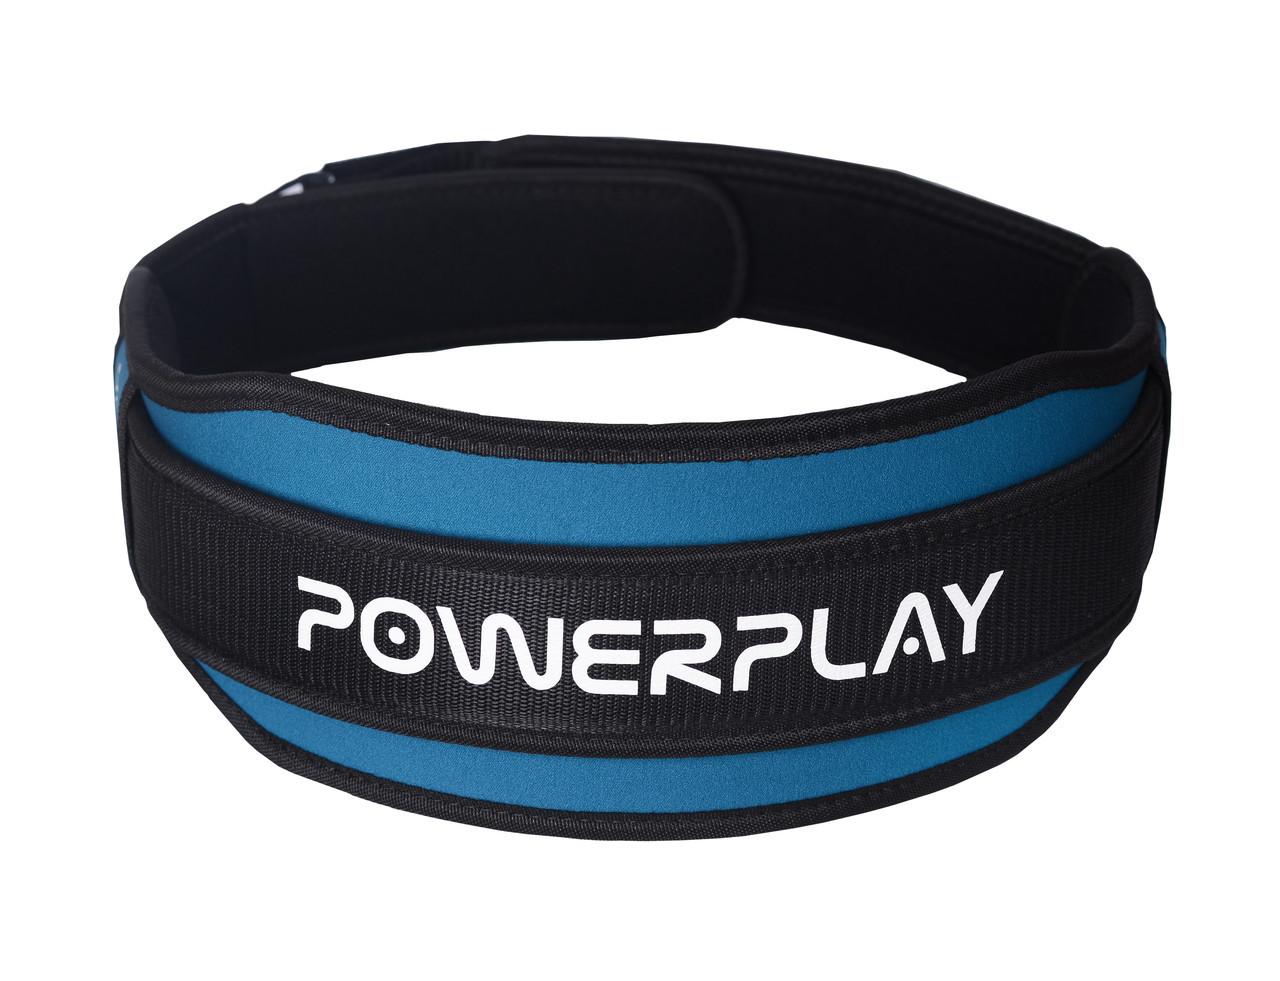 Пояс для важкої атлетики PowerPlay 5545 Синьо-Чорній (Неопрен) S